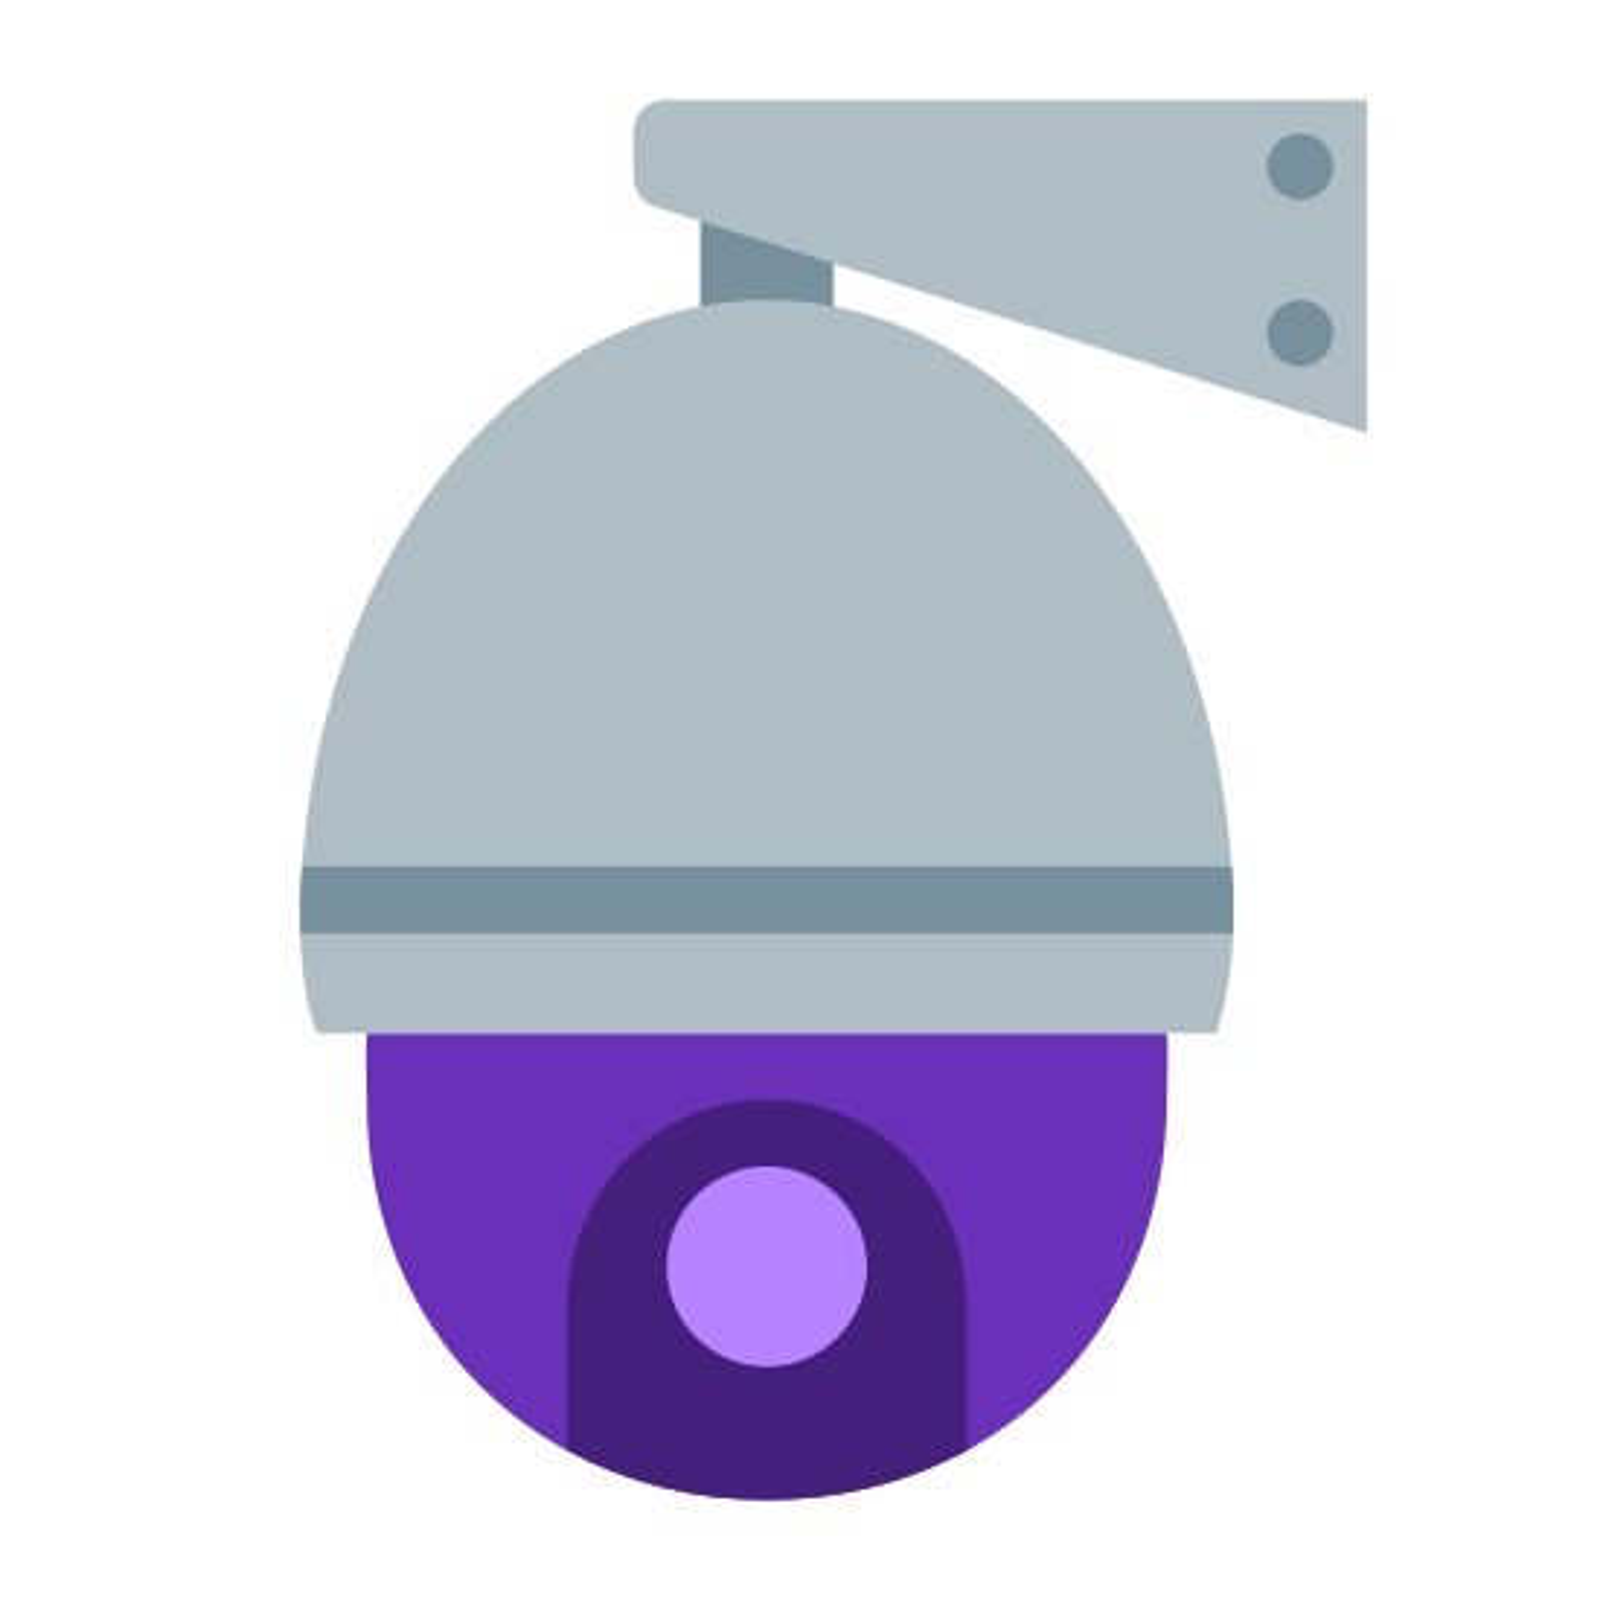 PTZ カメラ icon